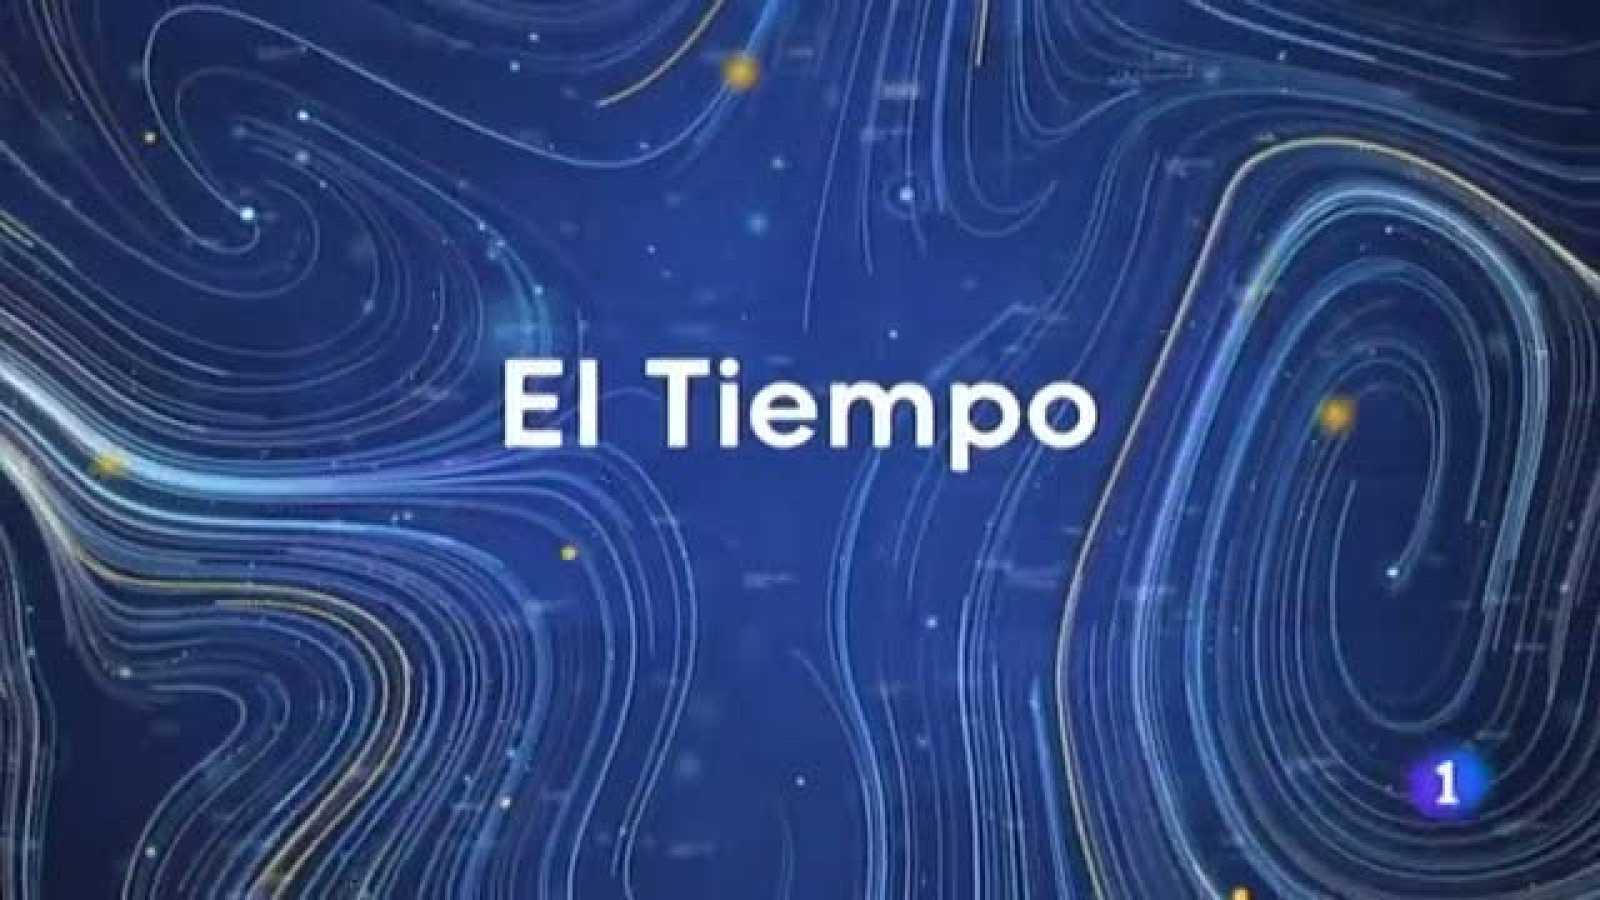 El tiempo en Navarra - 12/5/2021